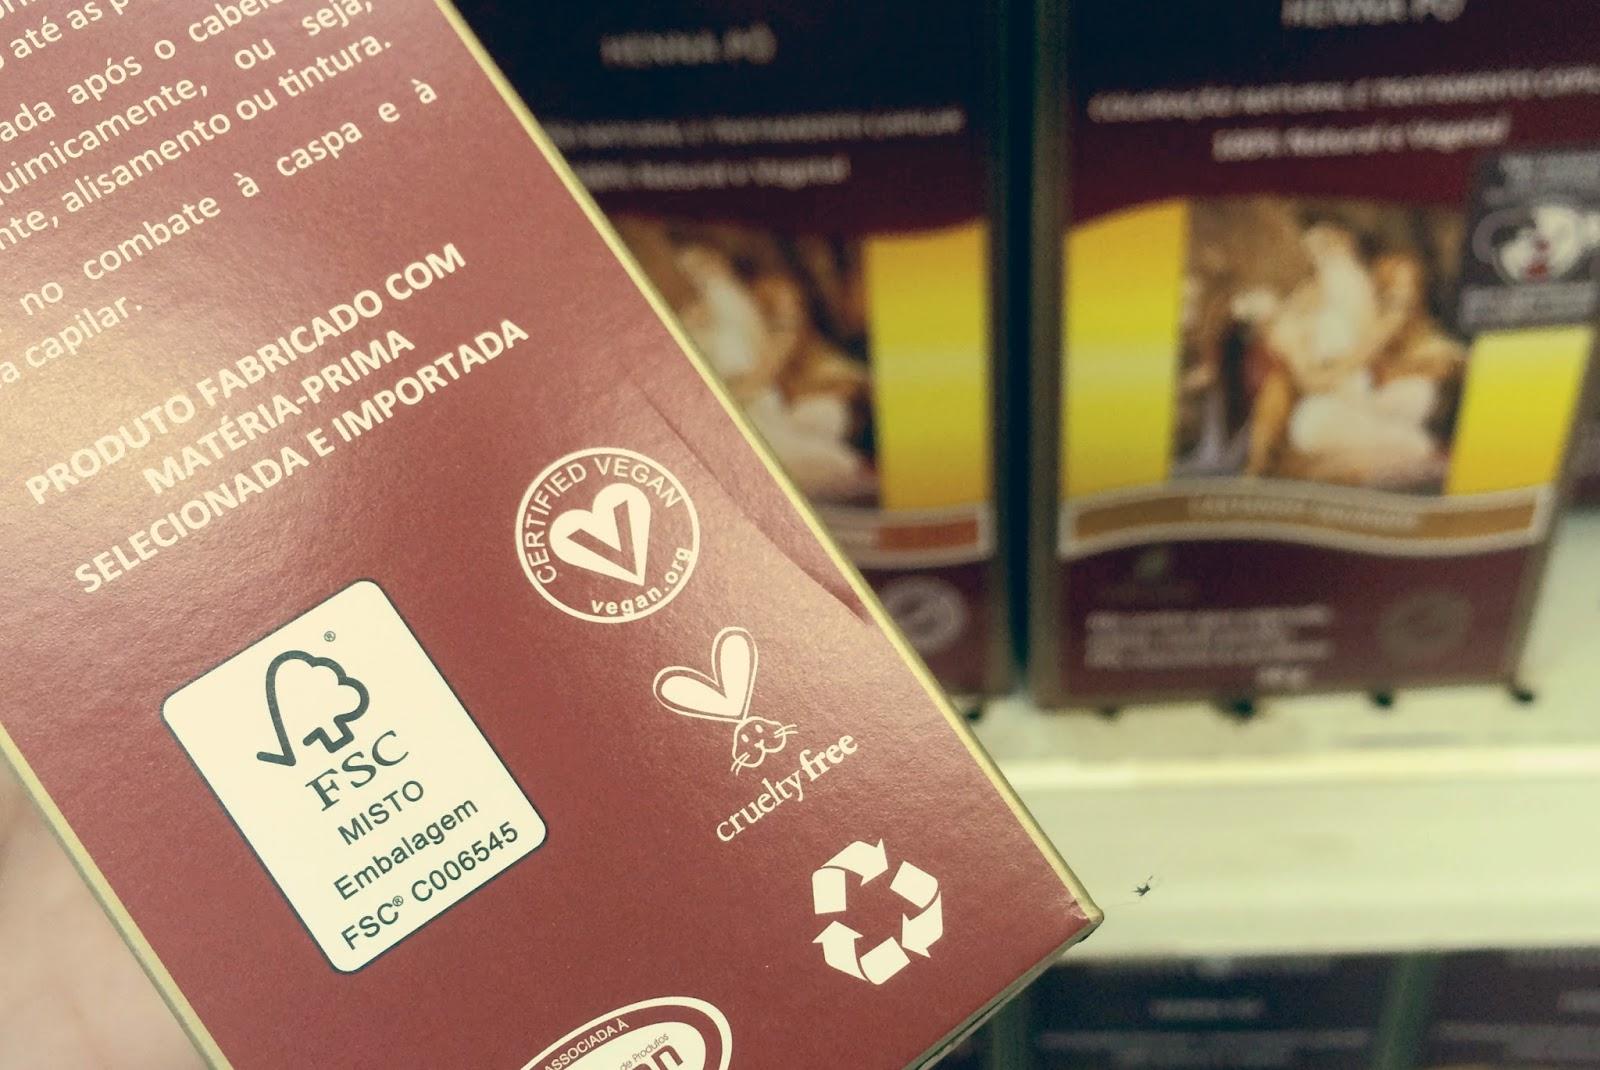 Produtos cruelty-free e veganos